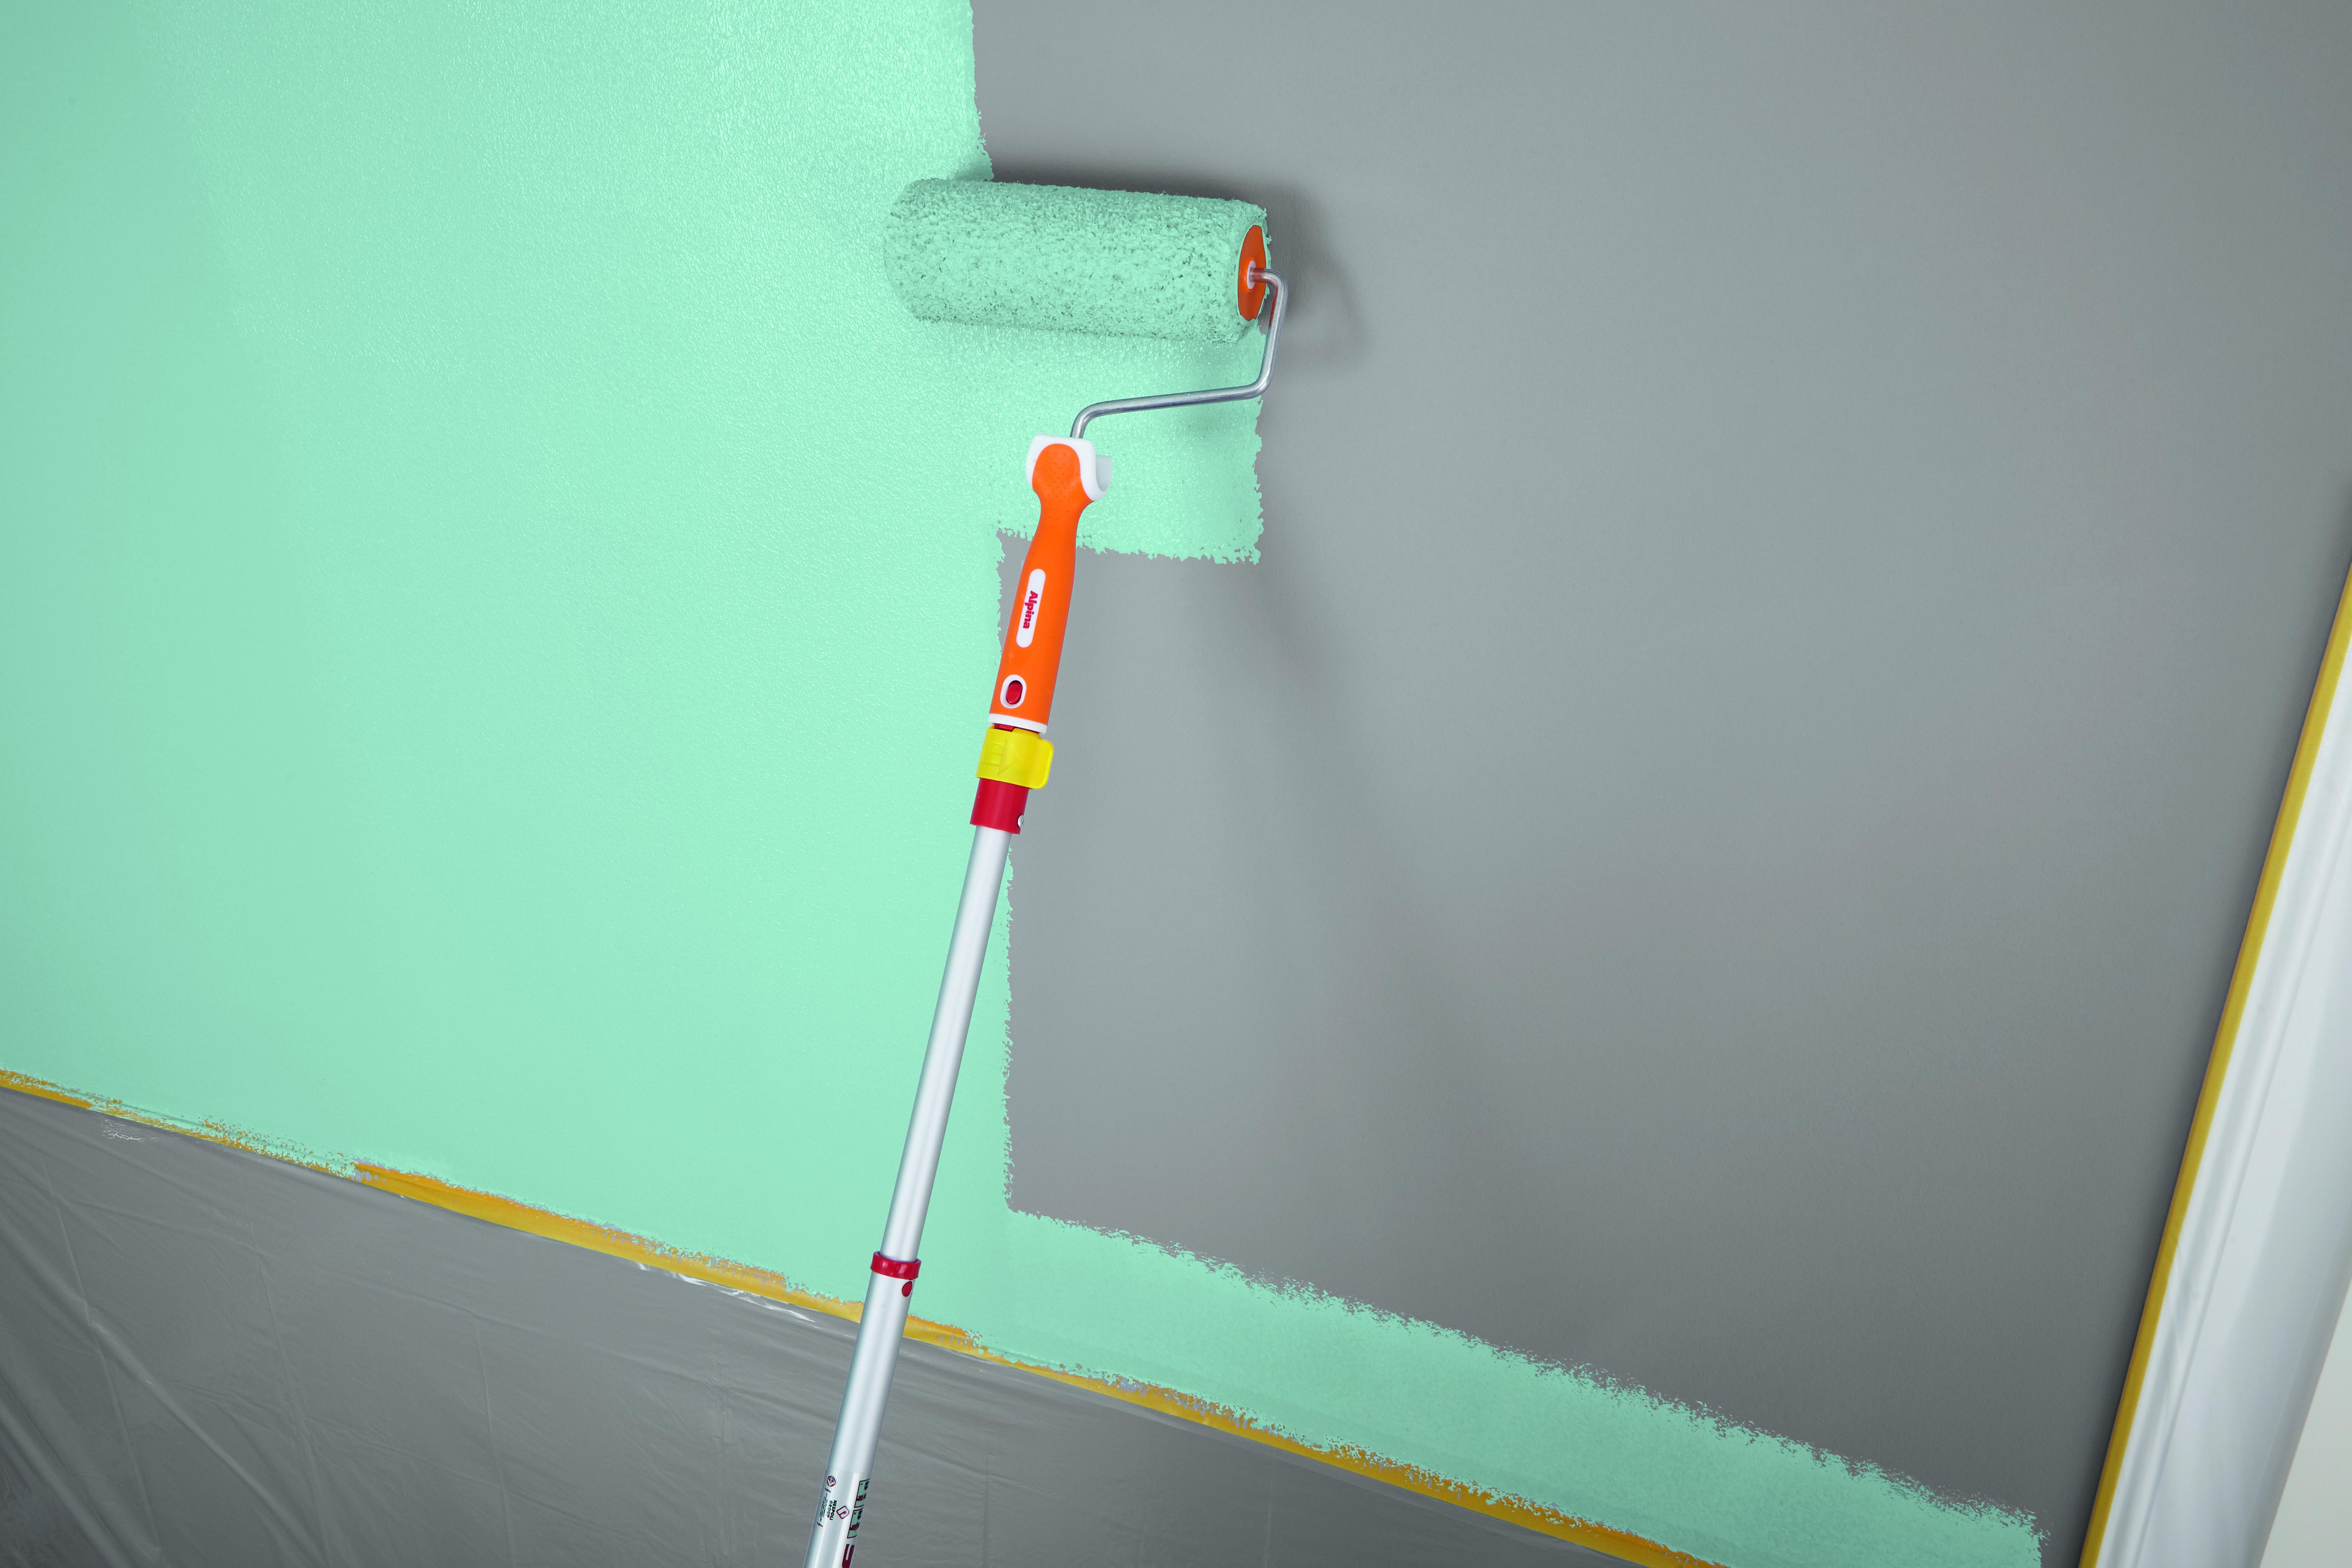 Noch Bevor Die Soeben Aufgetragene Farbe Angetrocknet Ist, Wird Der Rest  Der Wand Nass In Nass Mit Der Großen Farbrolle Gestrichen.